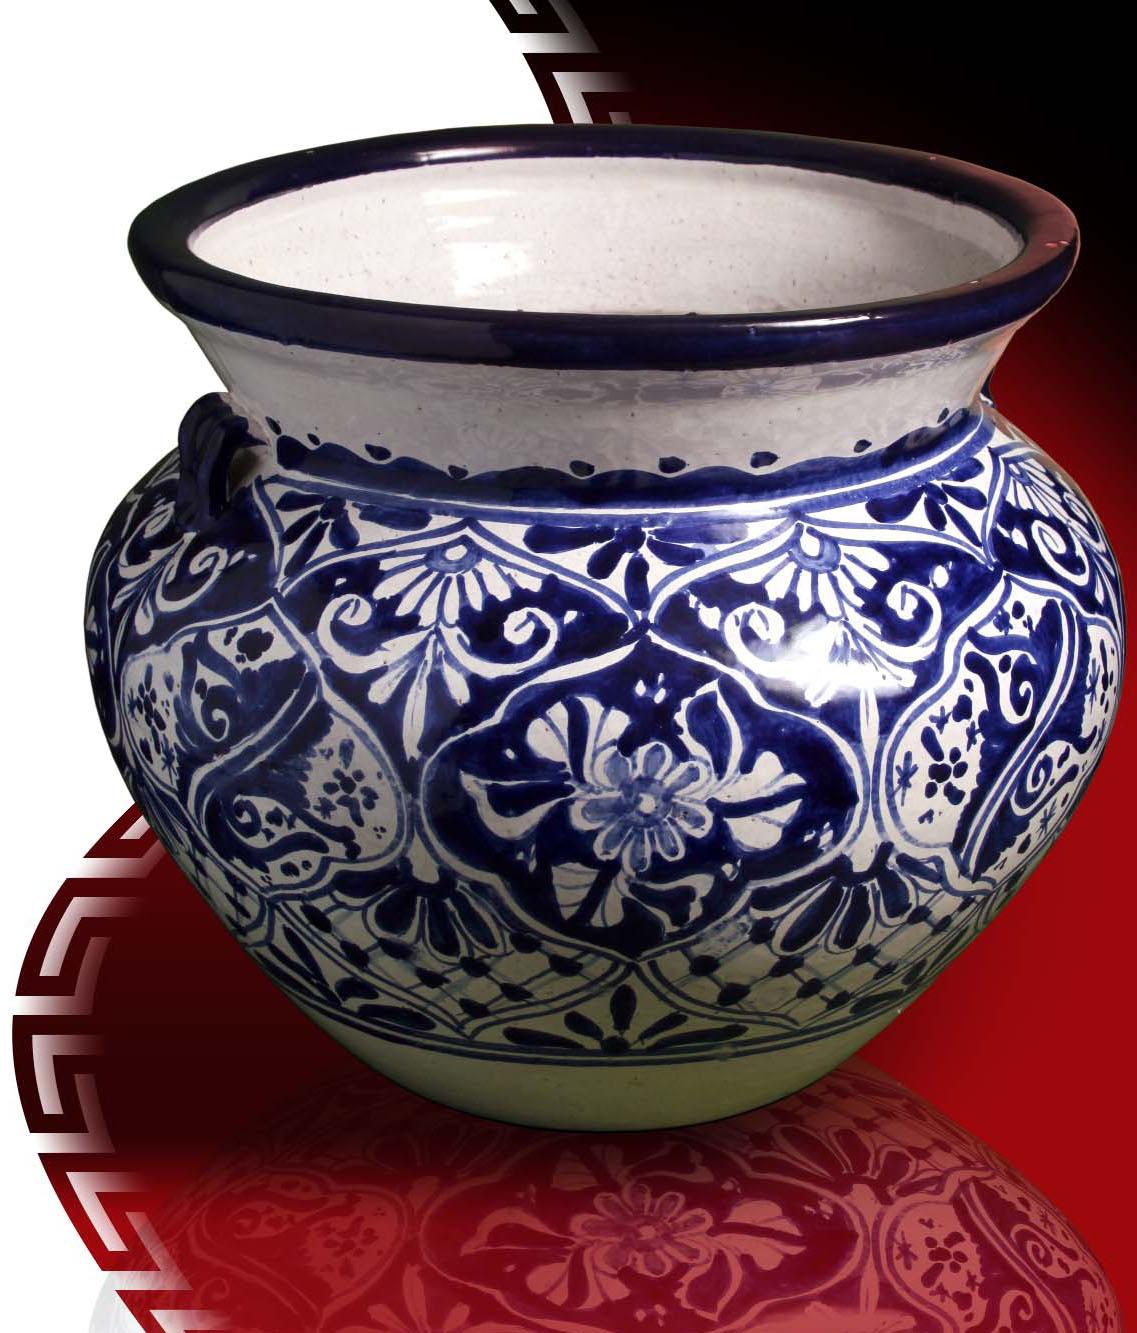 Puerto artesanal la cer mica su principal dise o y decorado for Productos para ceramica